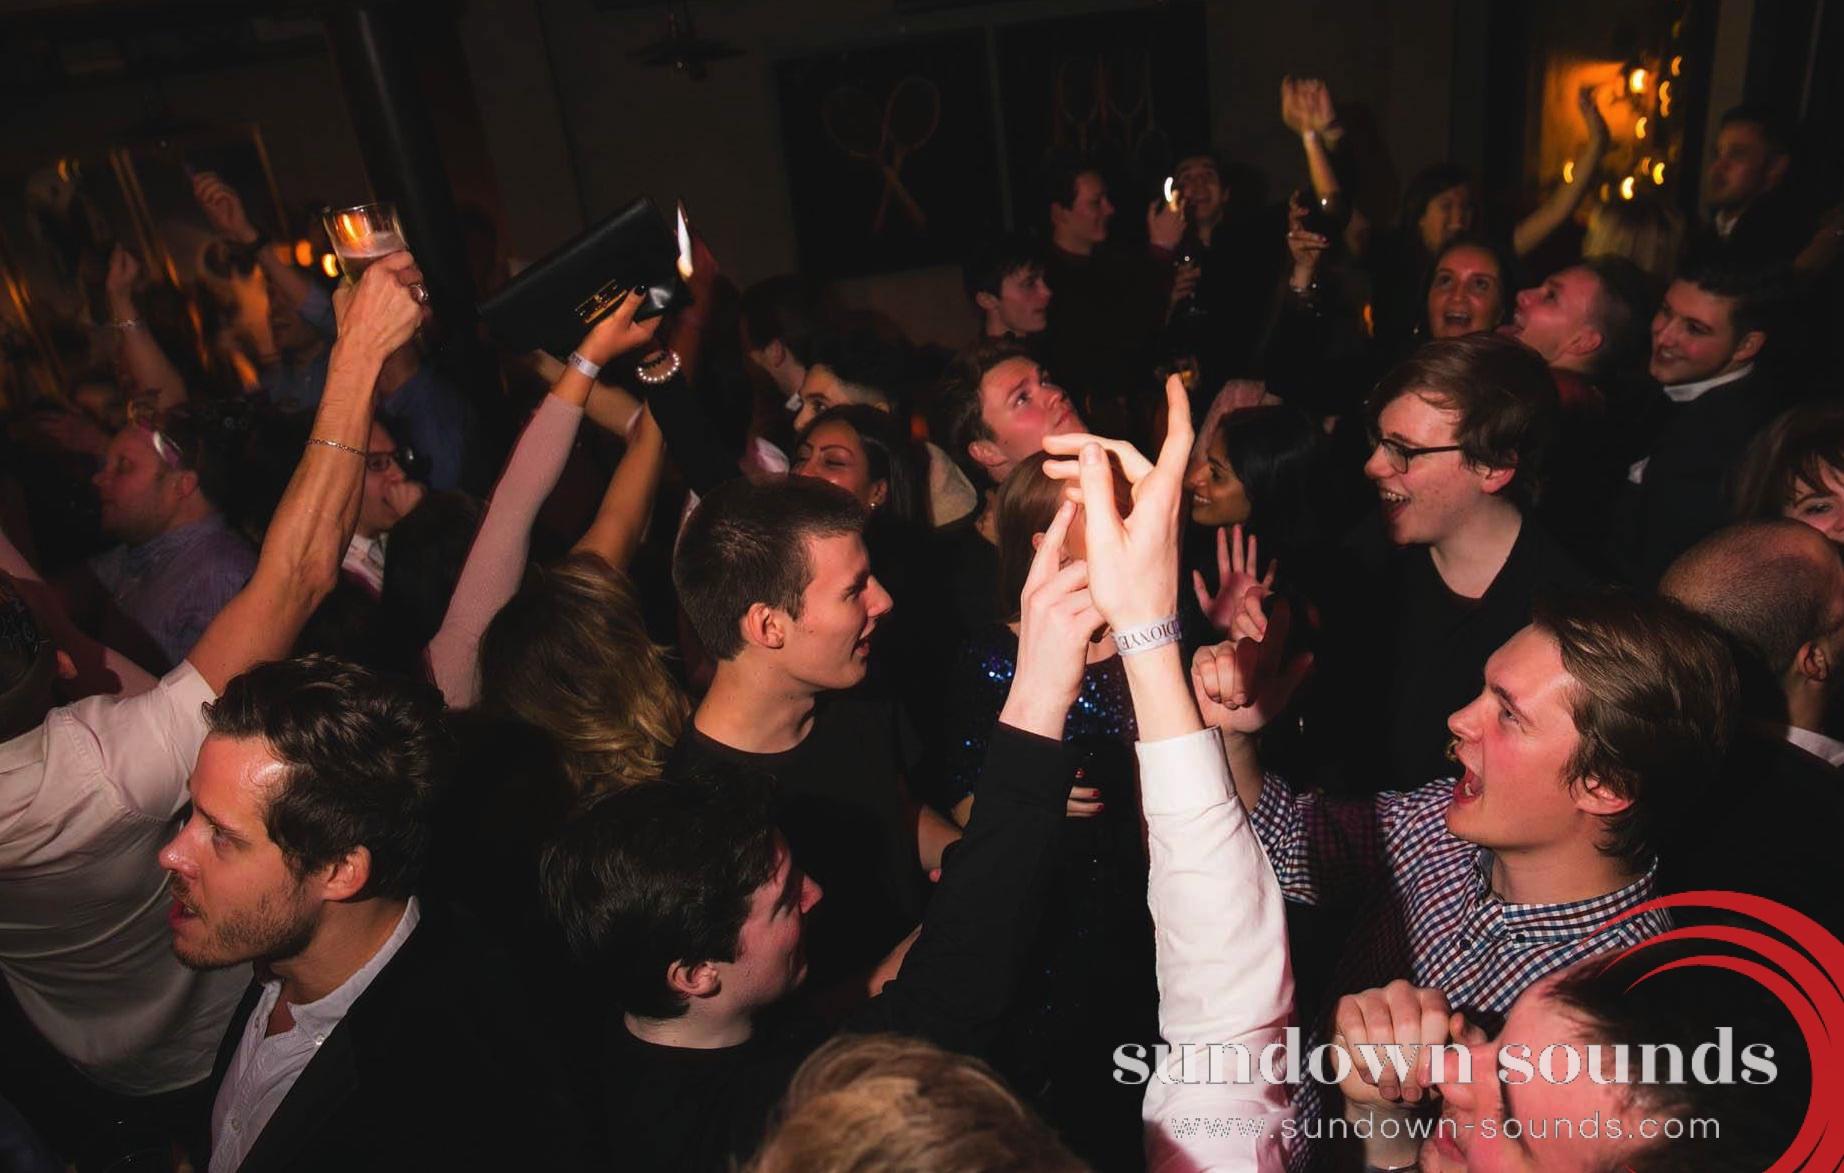 Buckinghamshire nightclub DJ